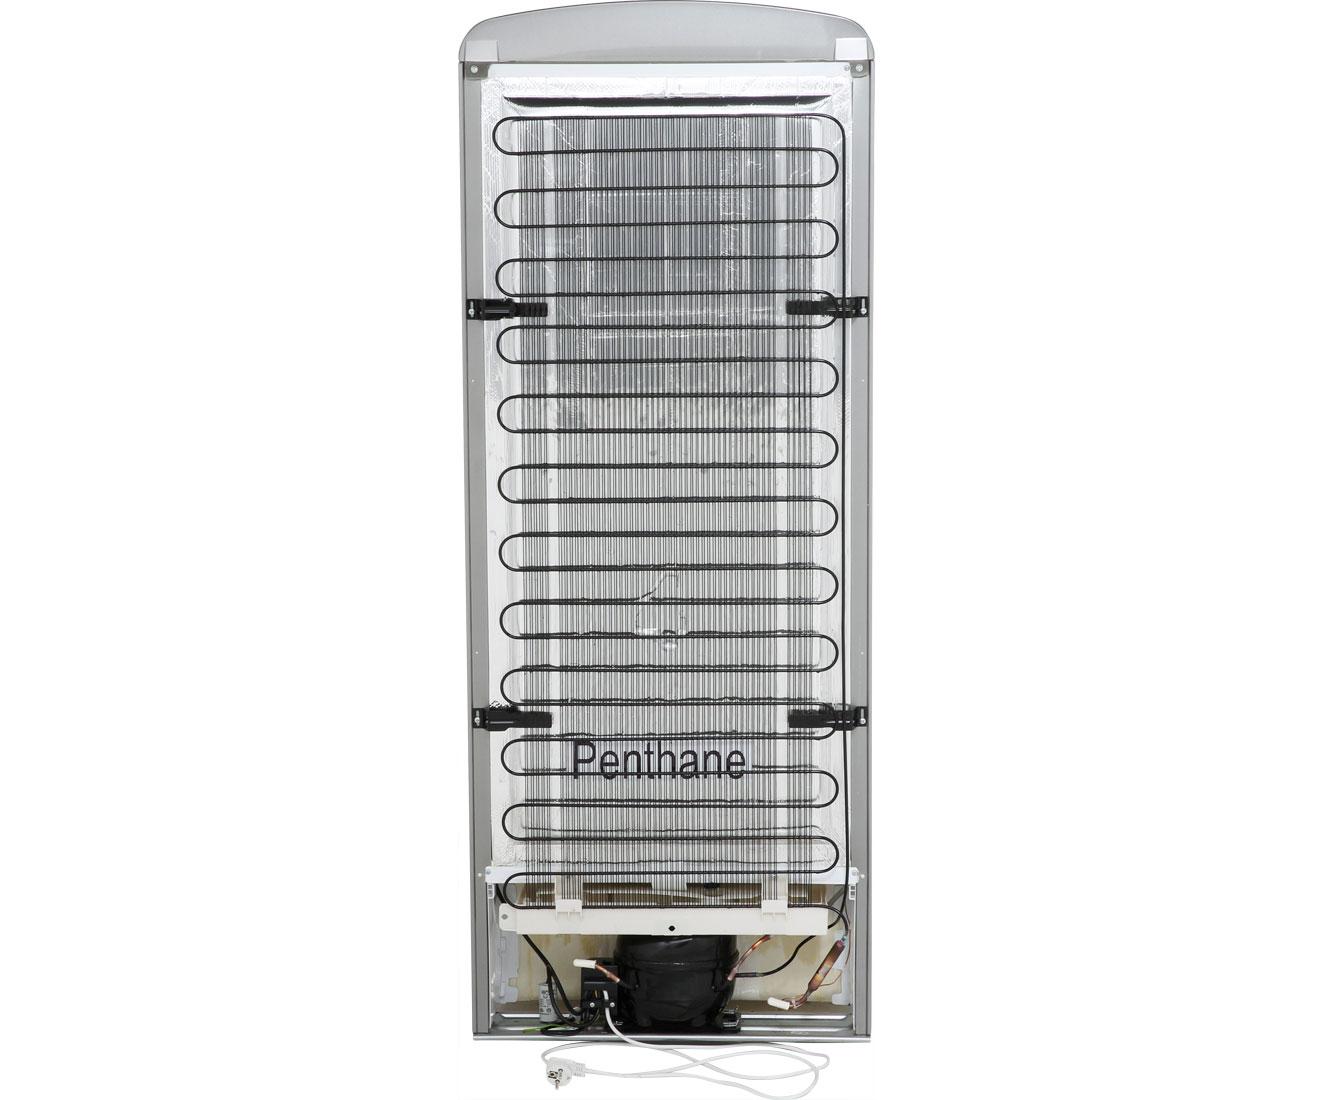 Retro Kühlschrank American Style : Retro kühlschrank mit gefrierfach smeg fab28lp1 stand kühlschrank